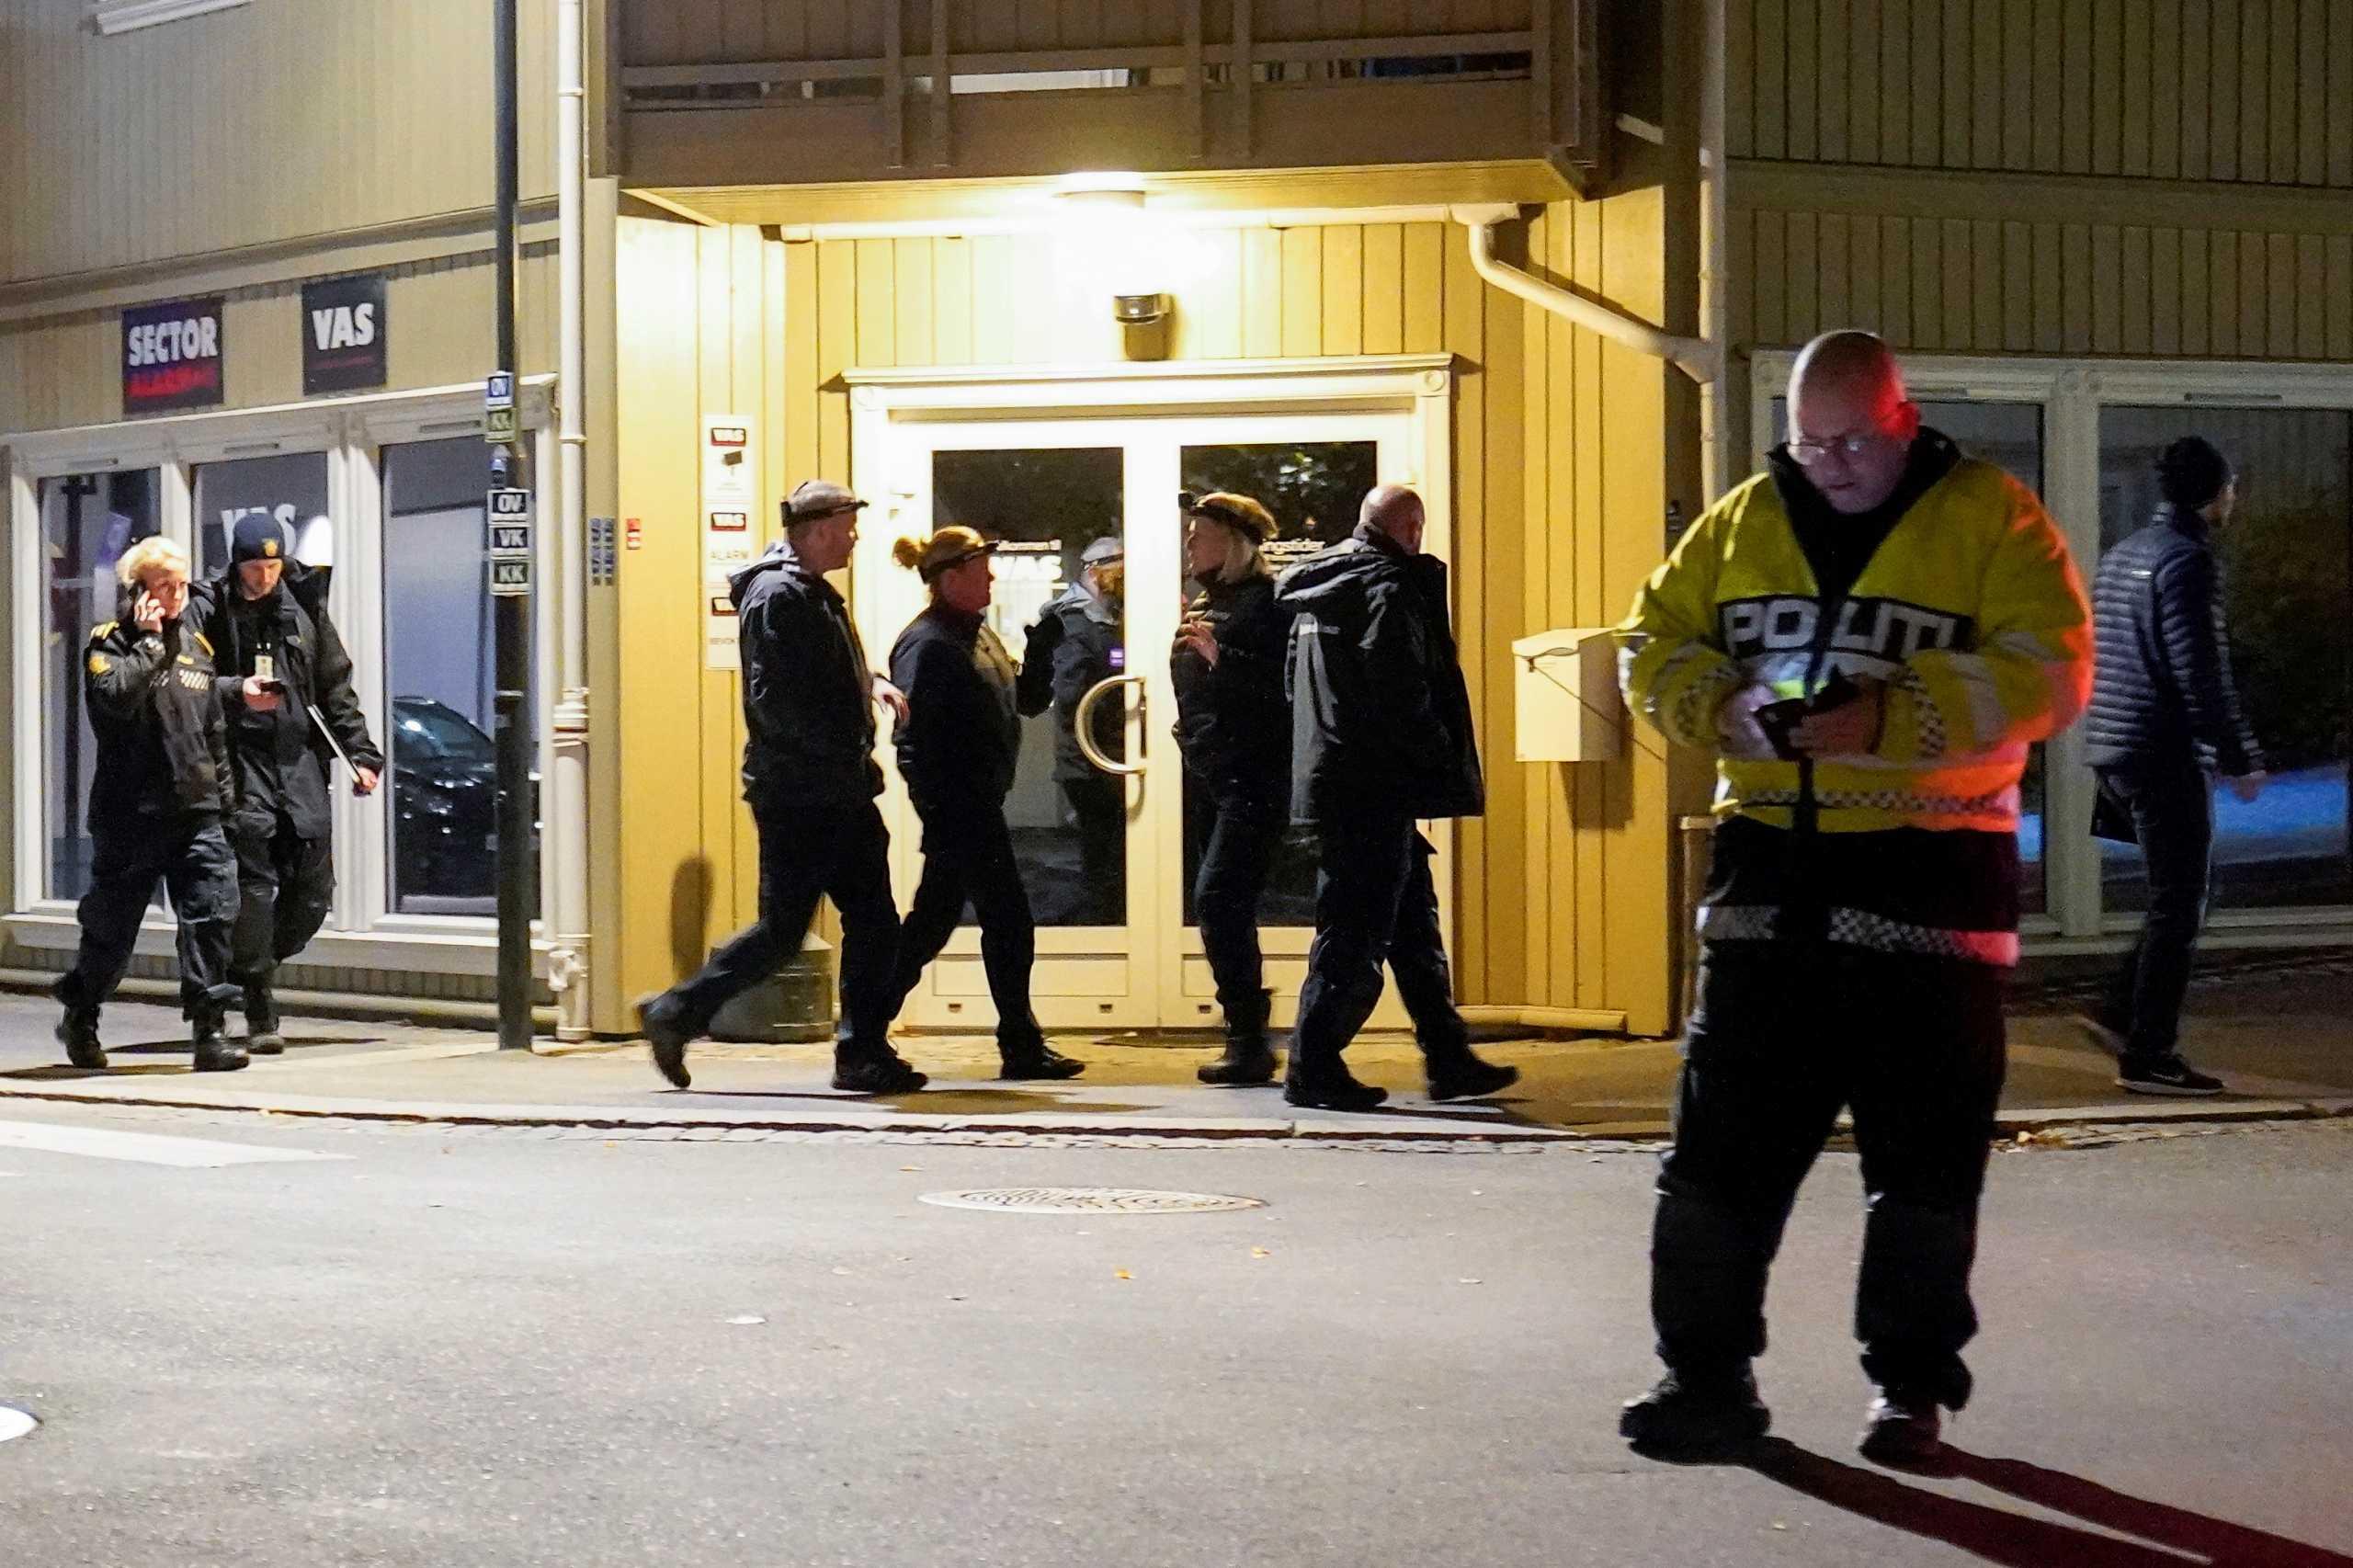 Επίθεση με τόξο στη Νορβηγία: Αναγνώρισαν τον 37χρονο δράστη – Δήλωνε «αγγελιοφόρος» σε βίντεο